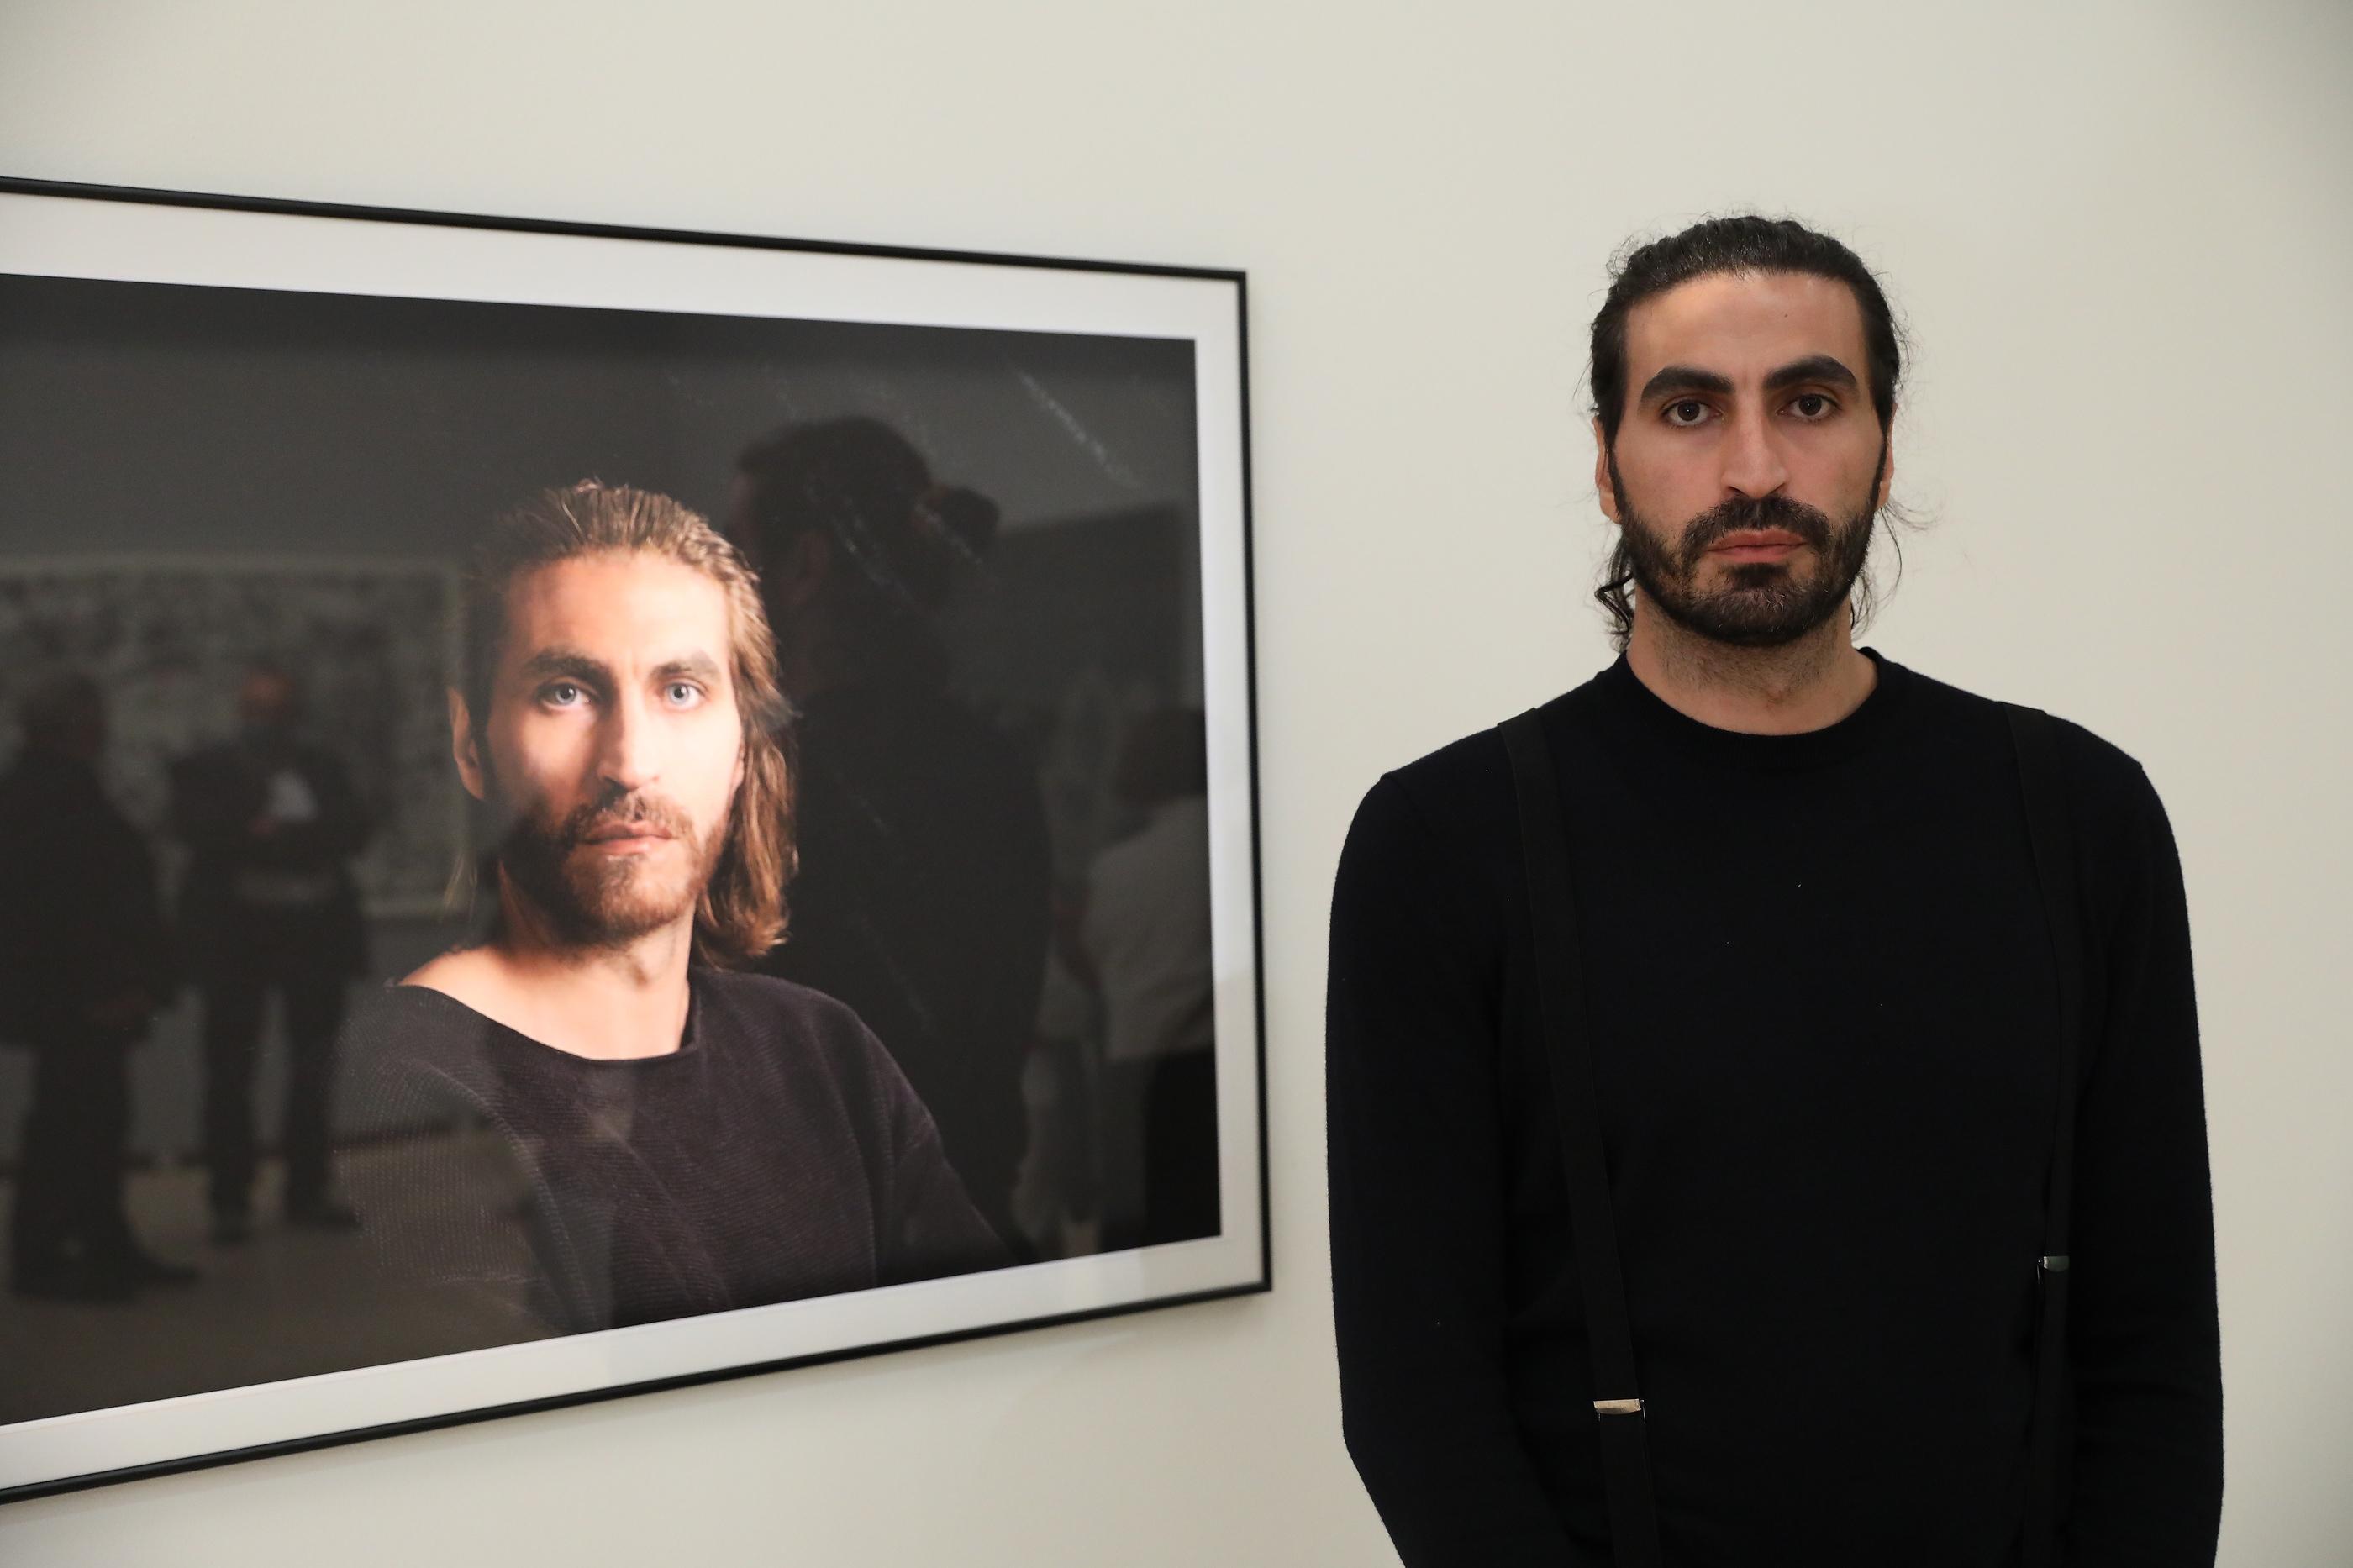 Alaa Alkurdi (c) APA/Ludwig Schedl